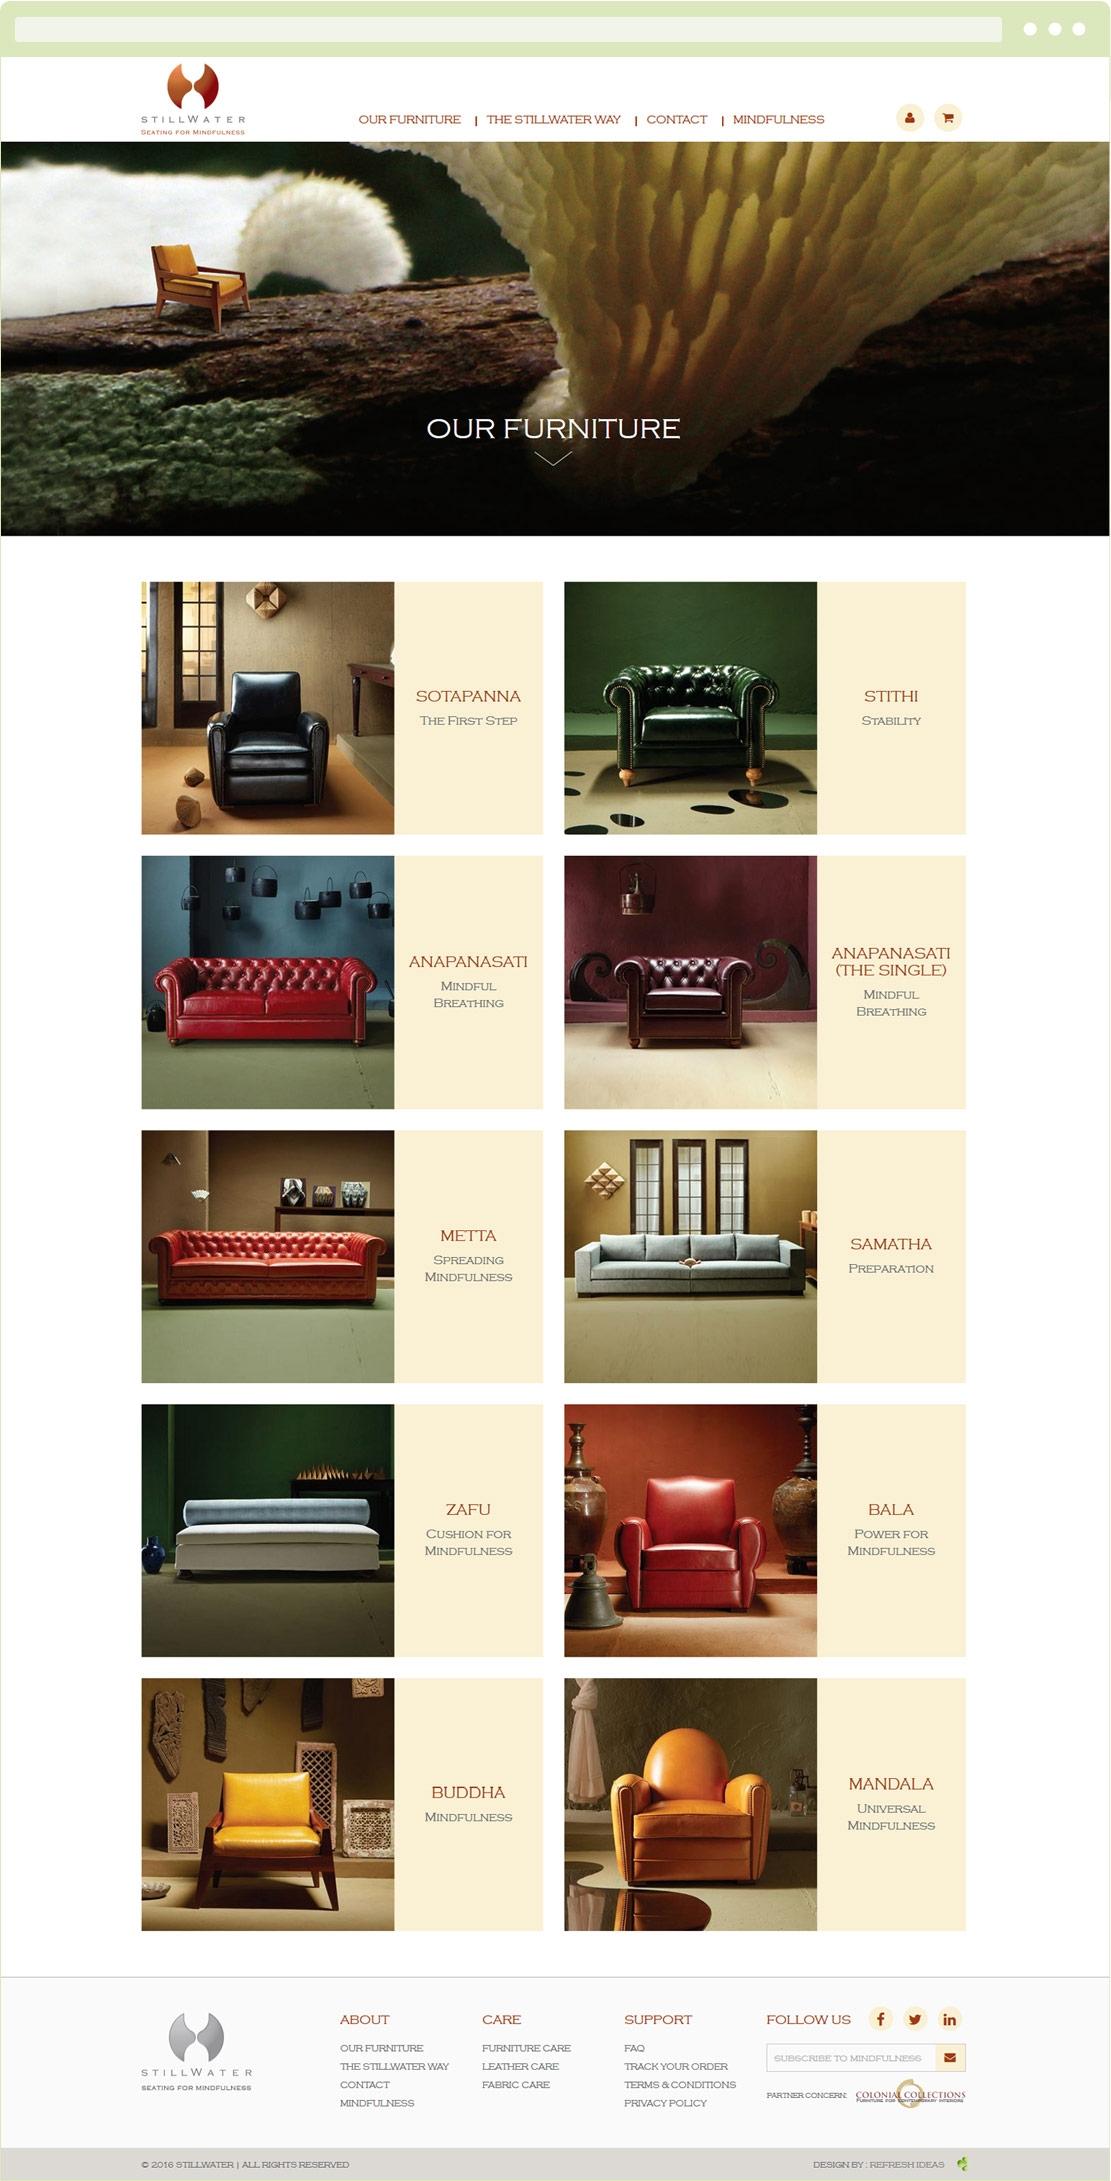 StillWater Furniture